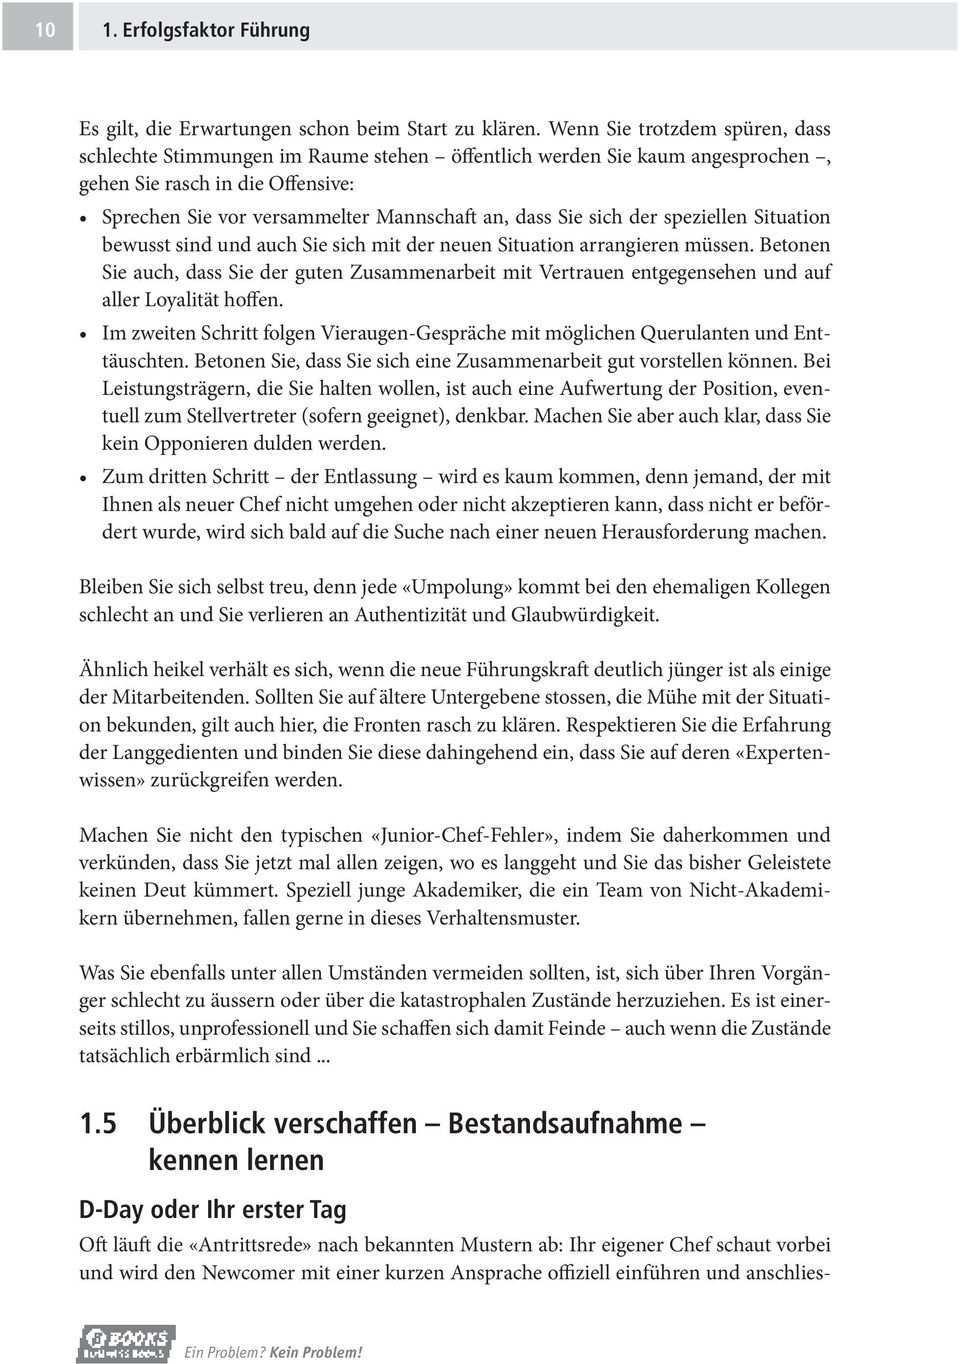 Erfolgsfaktoren Der Mitarbeiterfuhrung Cip Kurztitelaufnahme Der Deutschen Bibliothek Pdf Kostenfreier Download